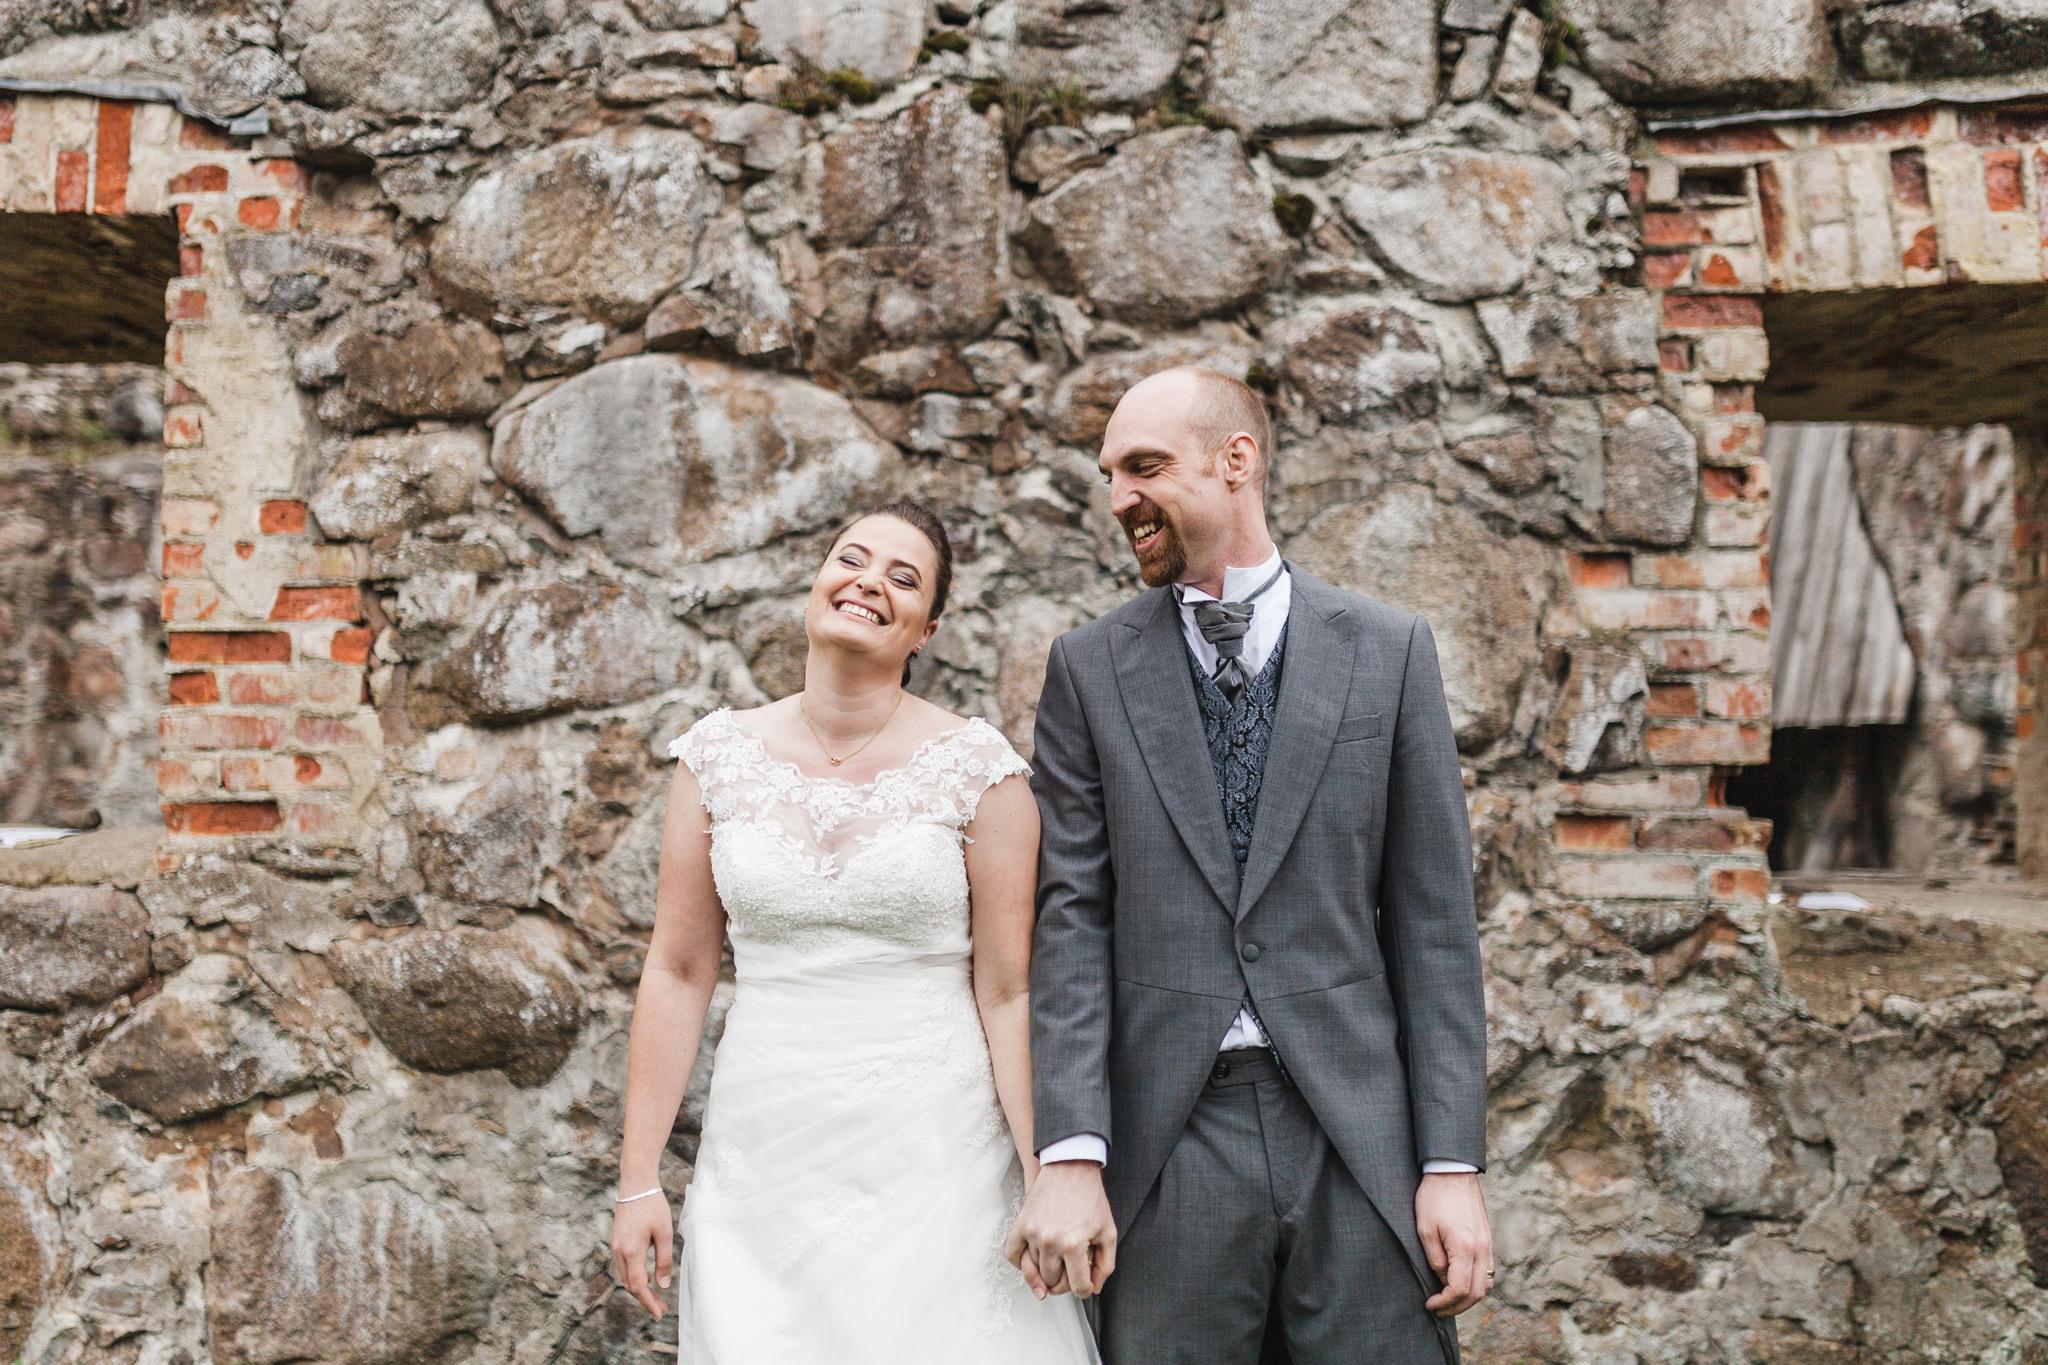 Bröllop i Kronobergs slottsruin Växjö